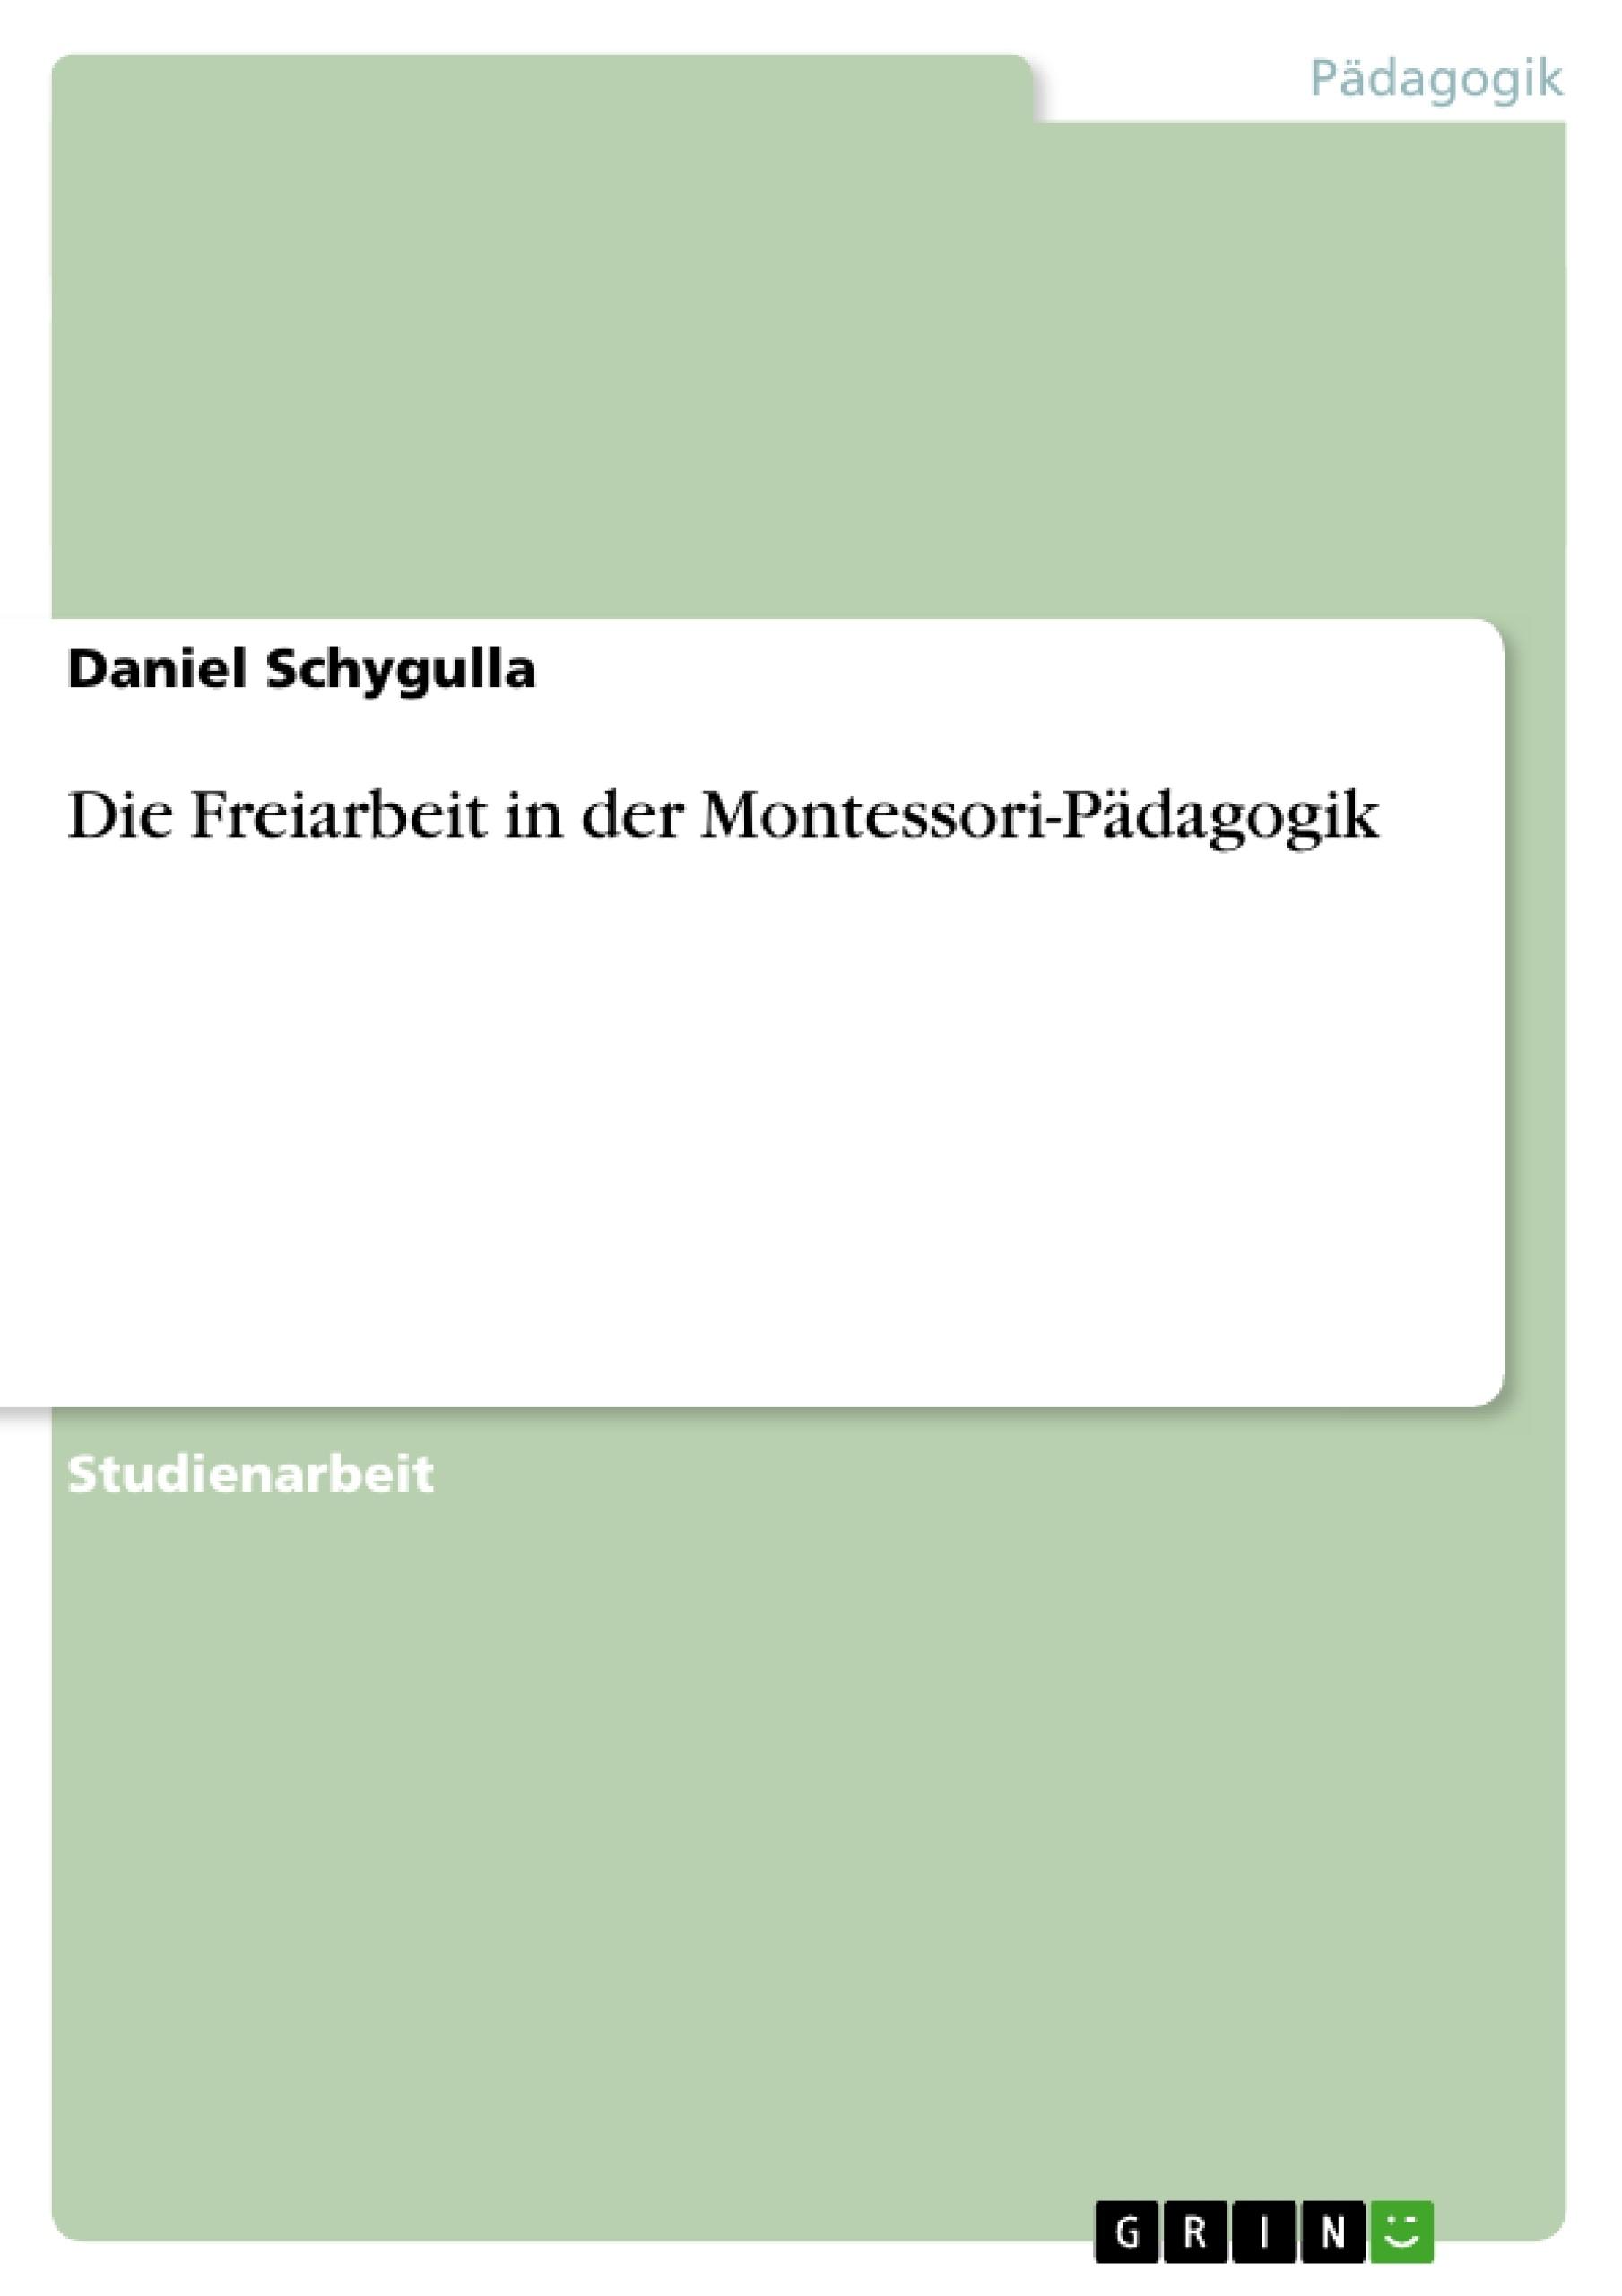 Titel: Die Freiarbeit in der Montessori-Pädagogik